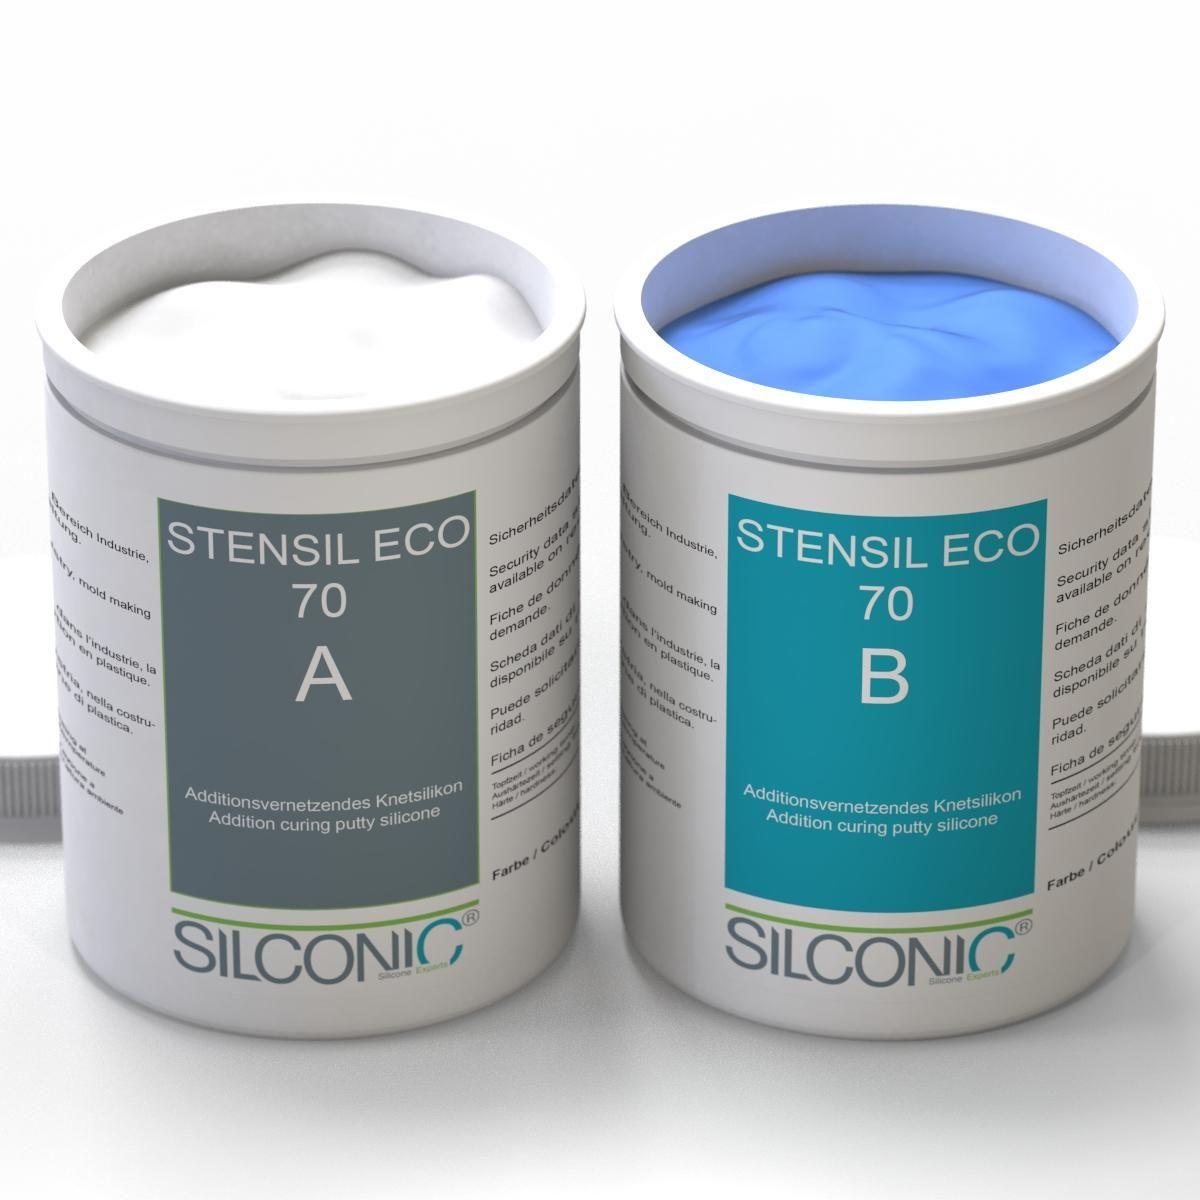 STENSIL ECO 70 Blau SET